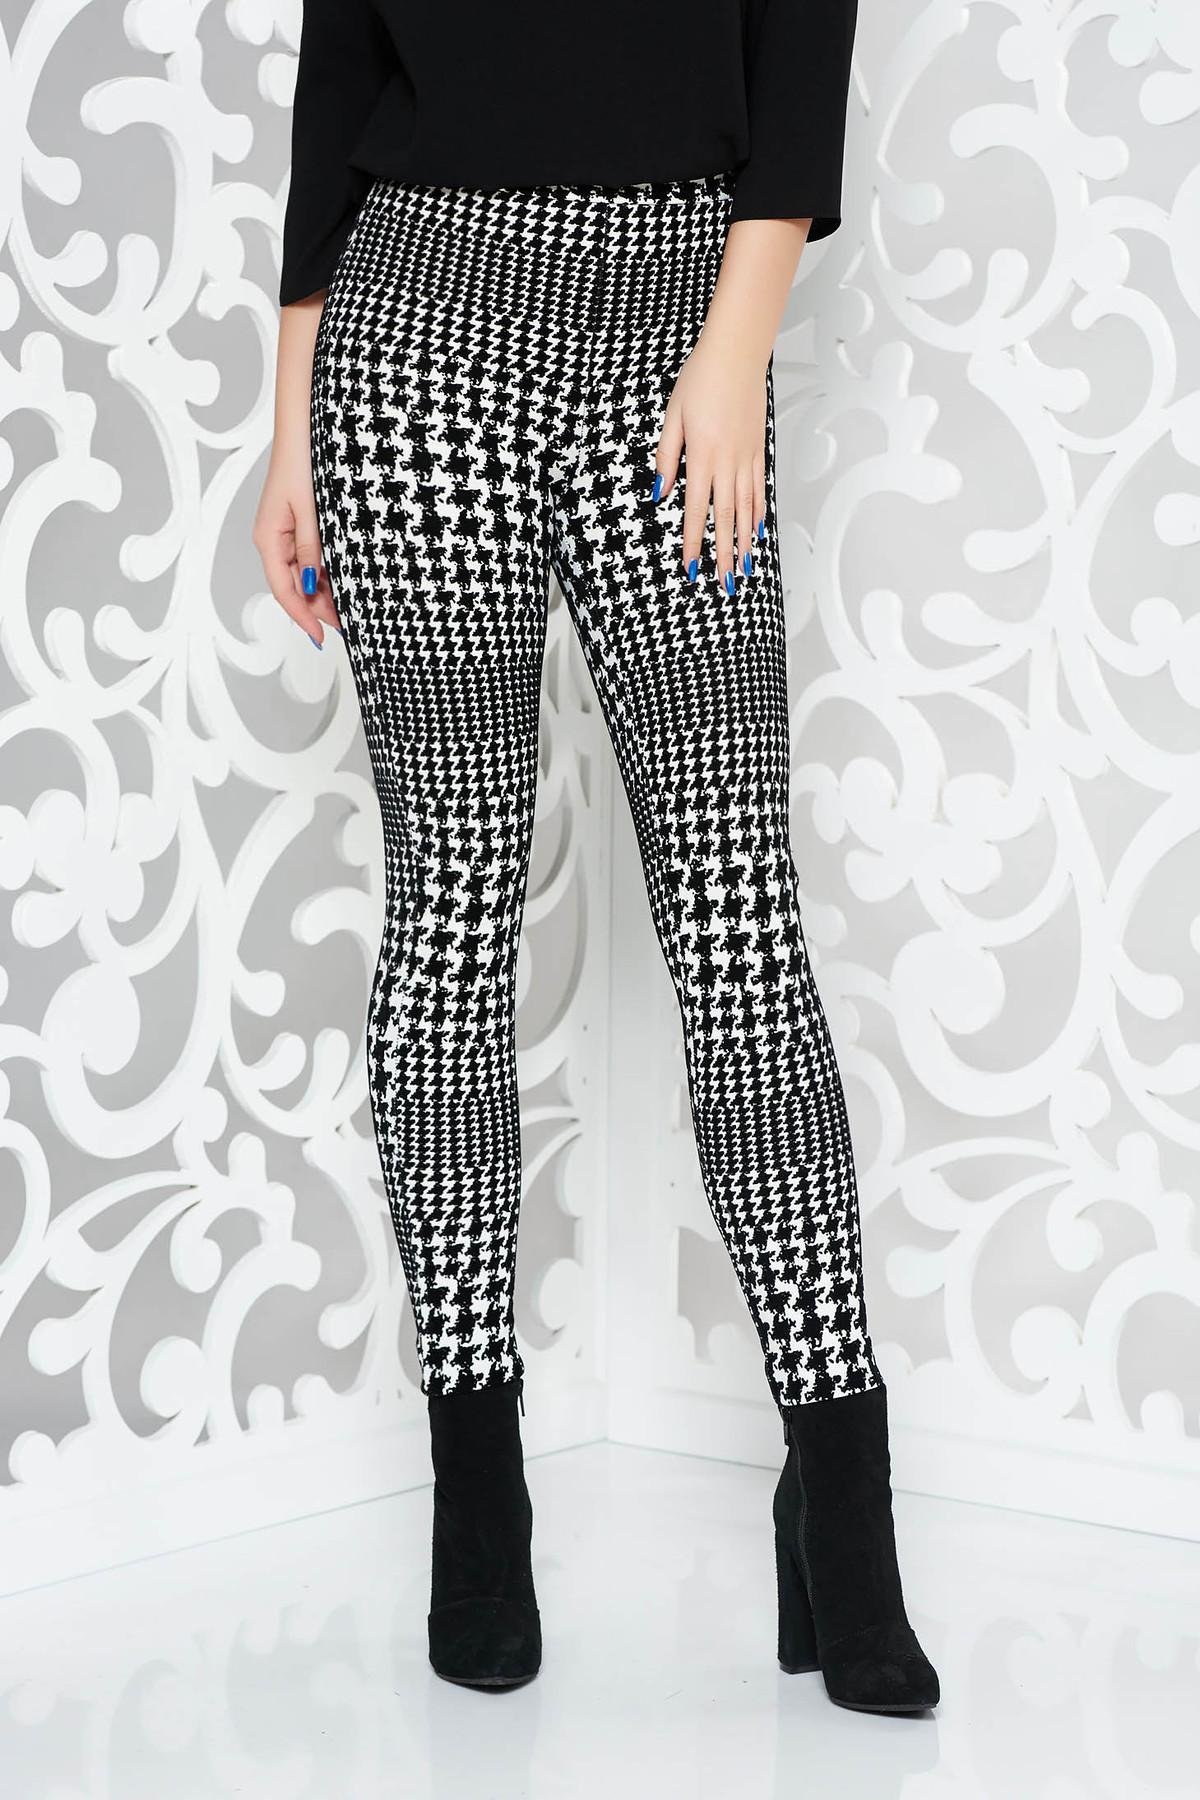 Pantaloni Starshiners Negri Casual Cu Un Croi Mulat Din Material Catifelat Cu Talie Medie